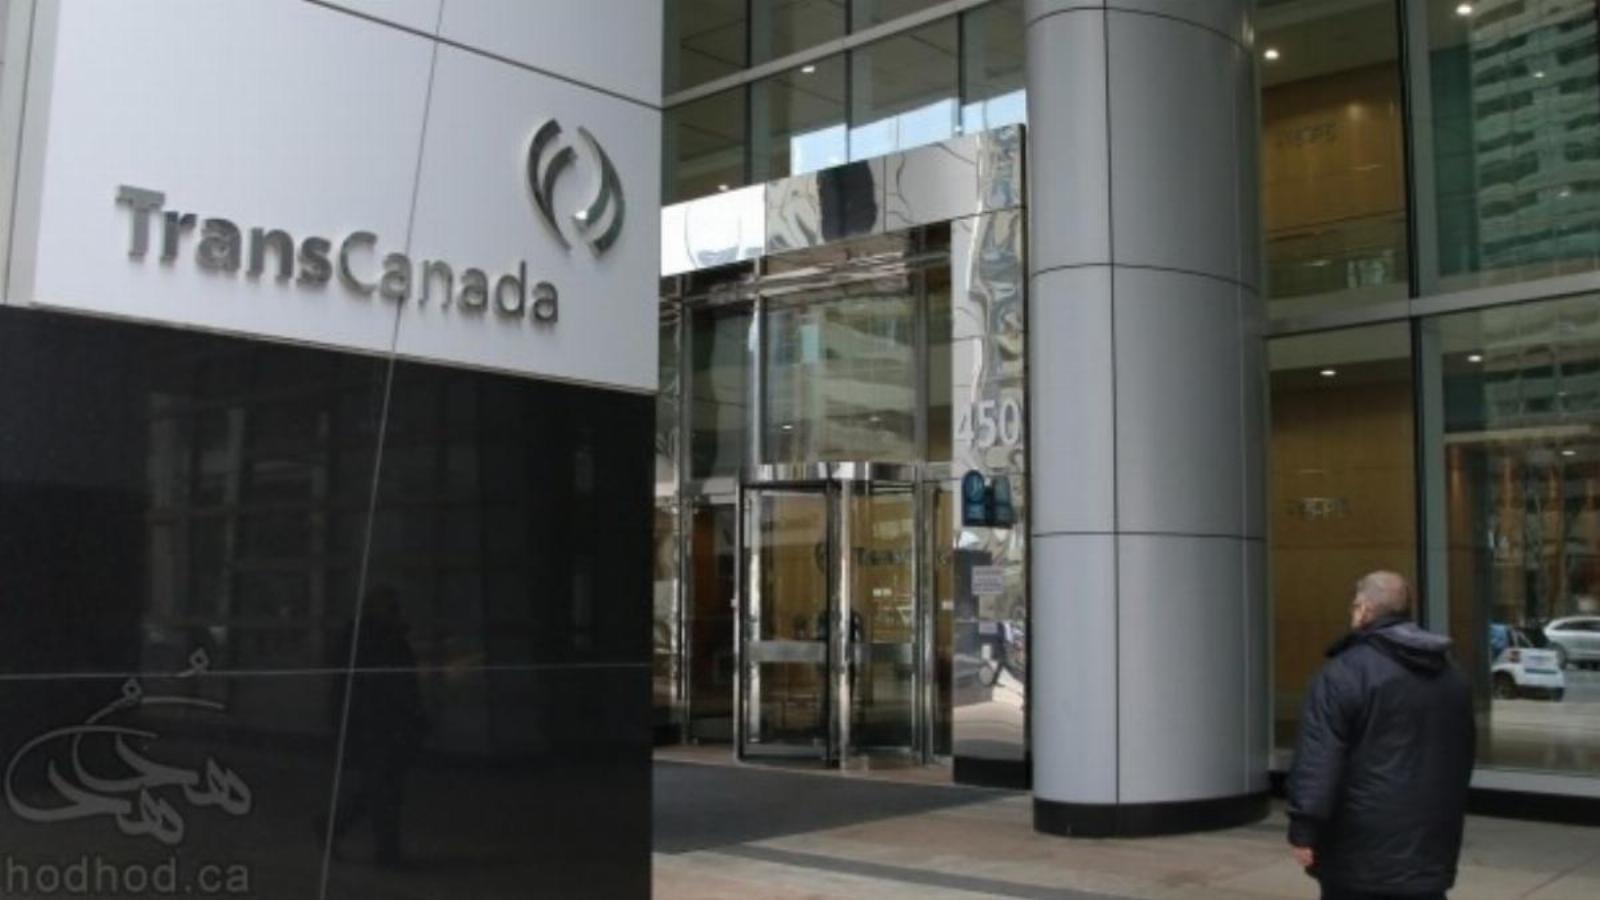 تصویب بودجه 1.3 میلیارد دلاری توسعه سیستم انتقال گاز طبیعی نوا در استان آلبرتا توسط دولت کانادا